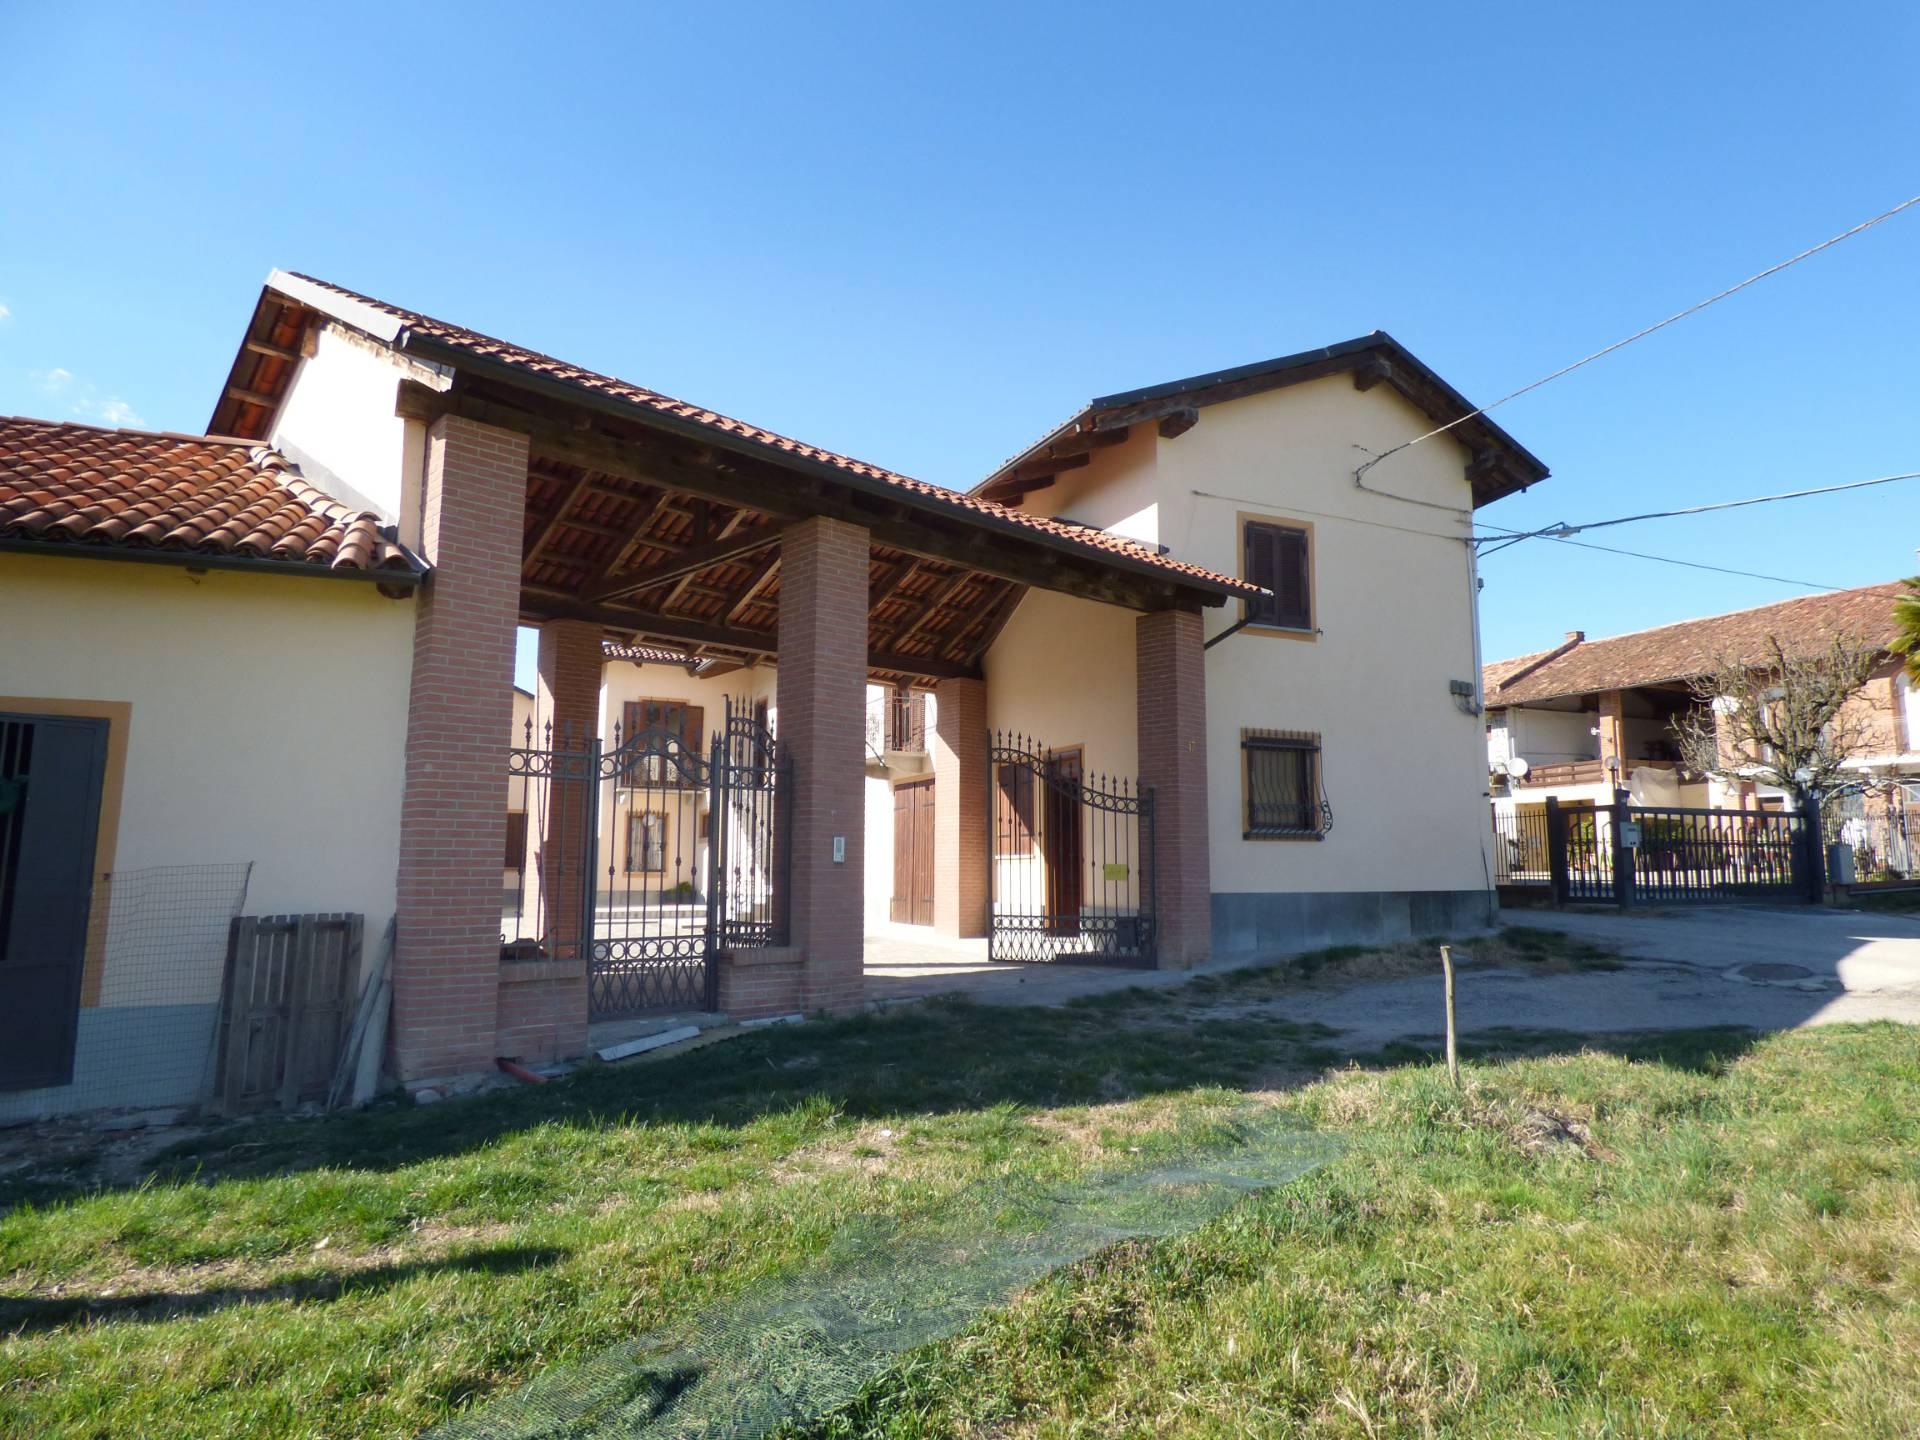 Soluzione Indipendente in vendita a Moncucco Torinese, 10 locali, zona Località: MoncuccoTorinese, prezzo € 340.000 | CambioCasa.it